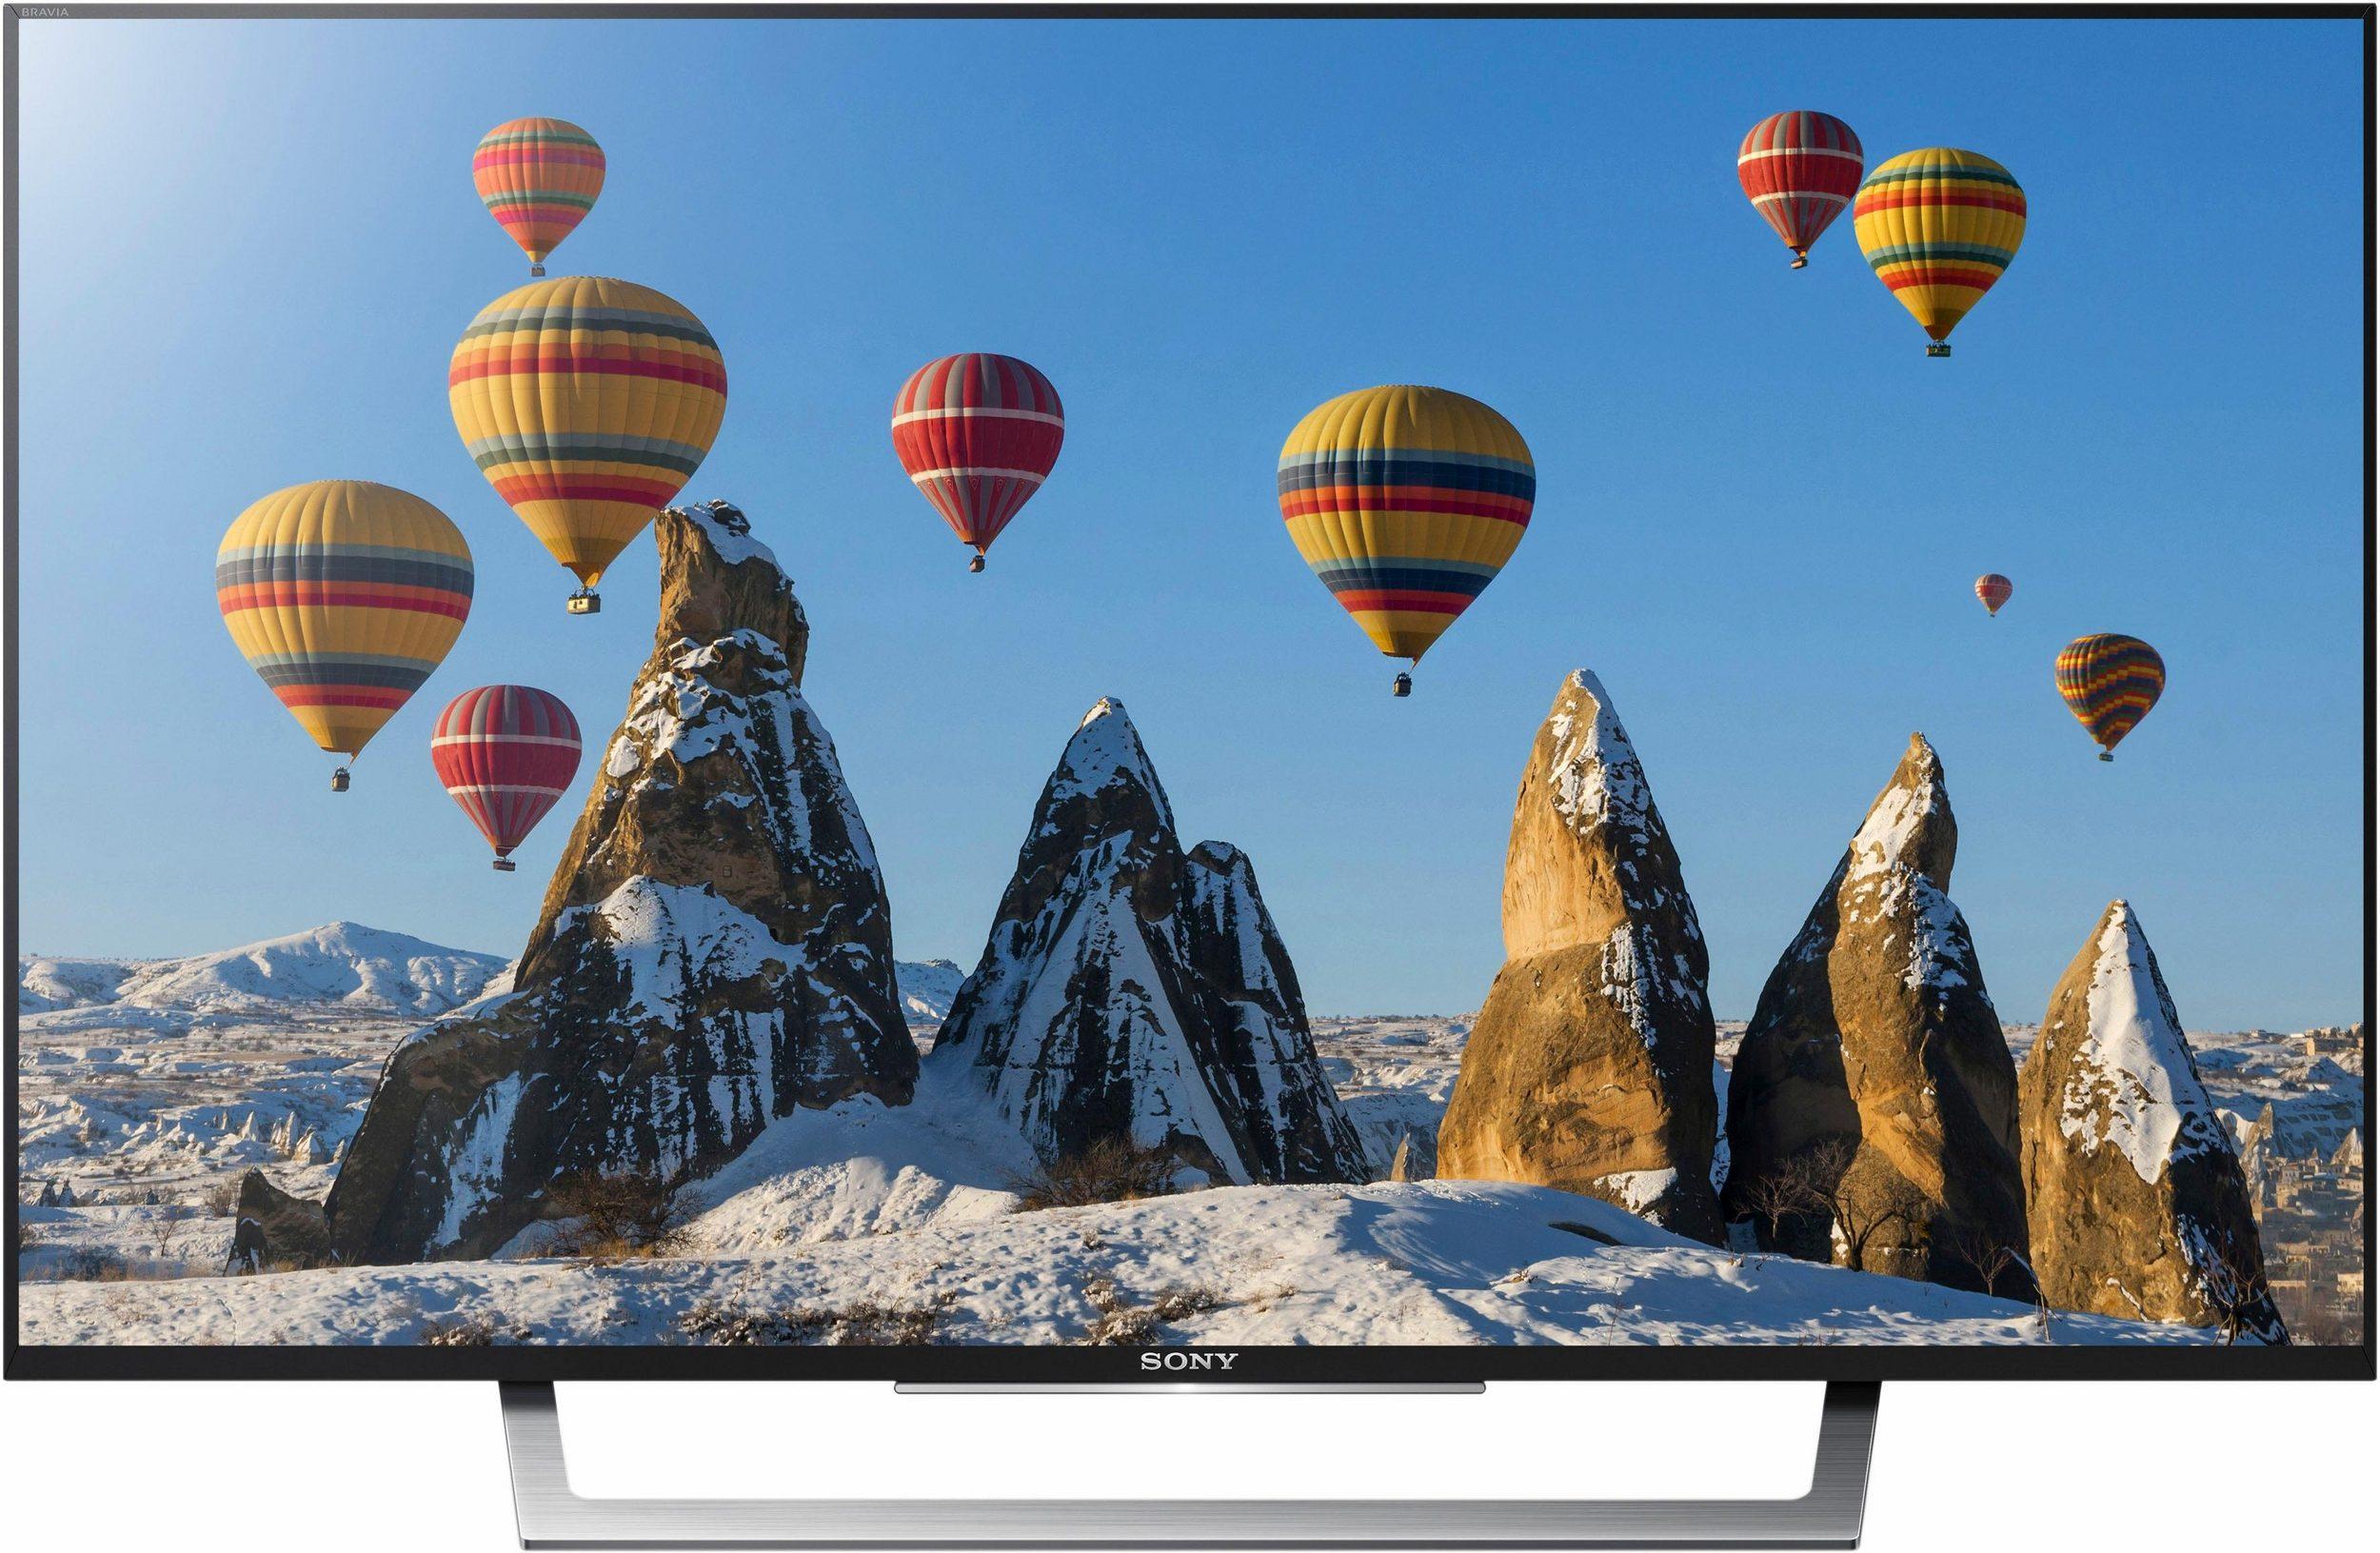 Sony KDL-32WD75x LED-Fernseher - Sony